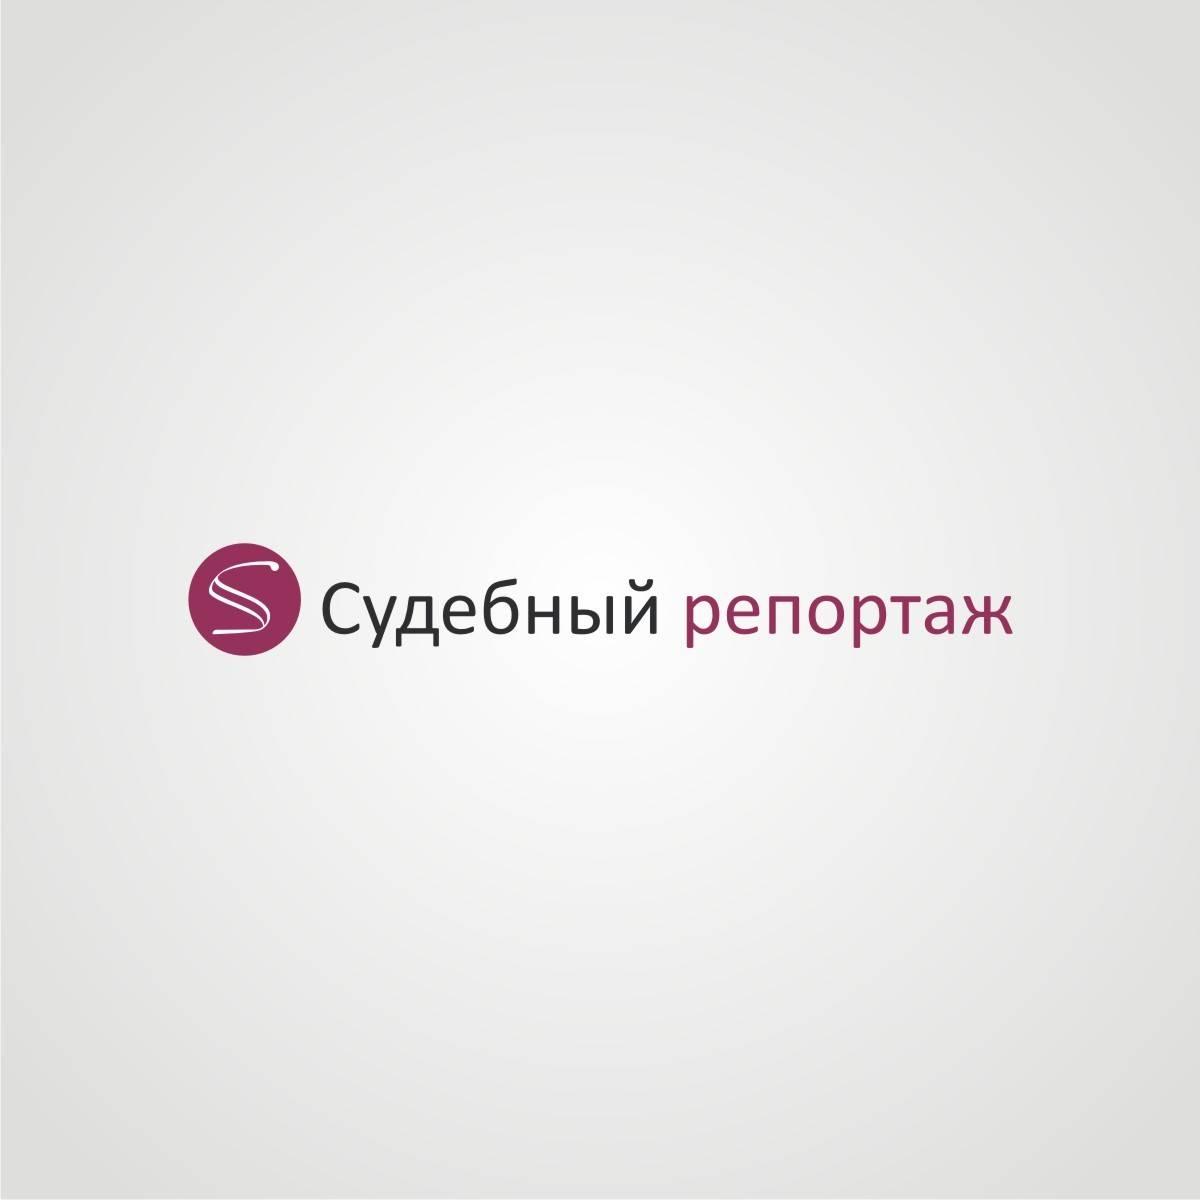 http://sotreport.kz/